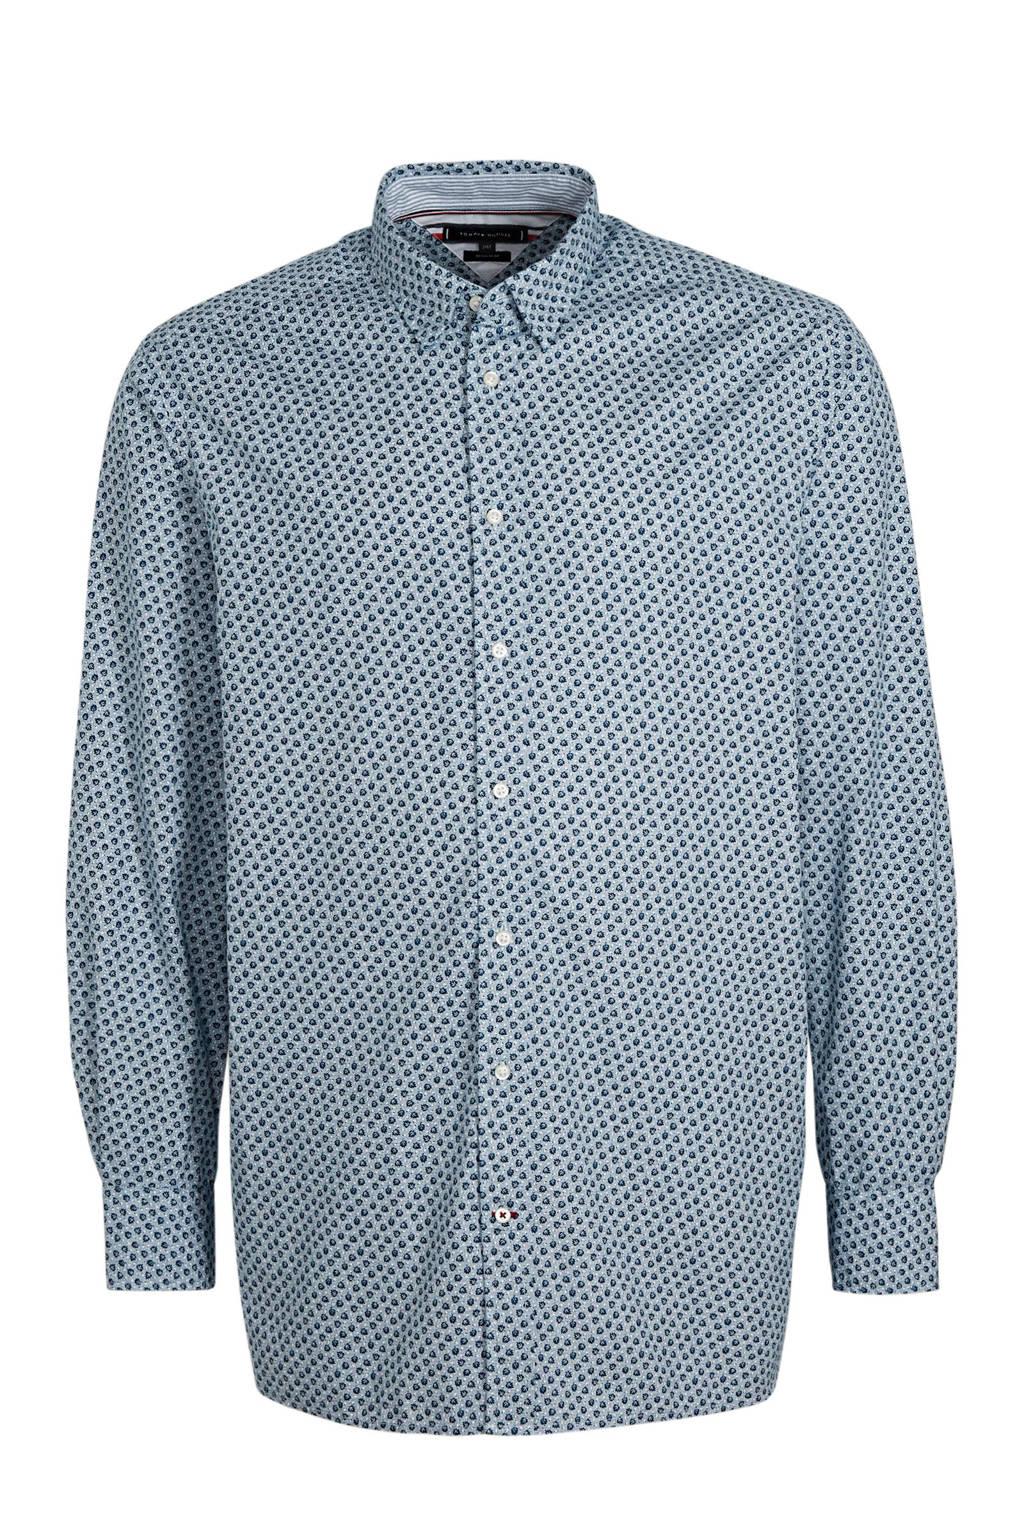 Tommy Hilfiger Big & Tall +size regular fit overhemd lichtblauw, Lichtblauw